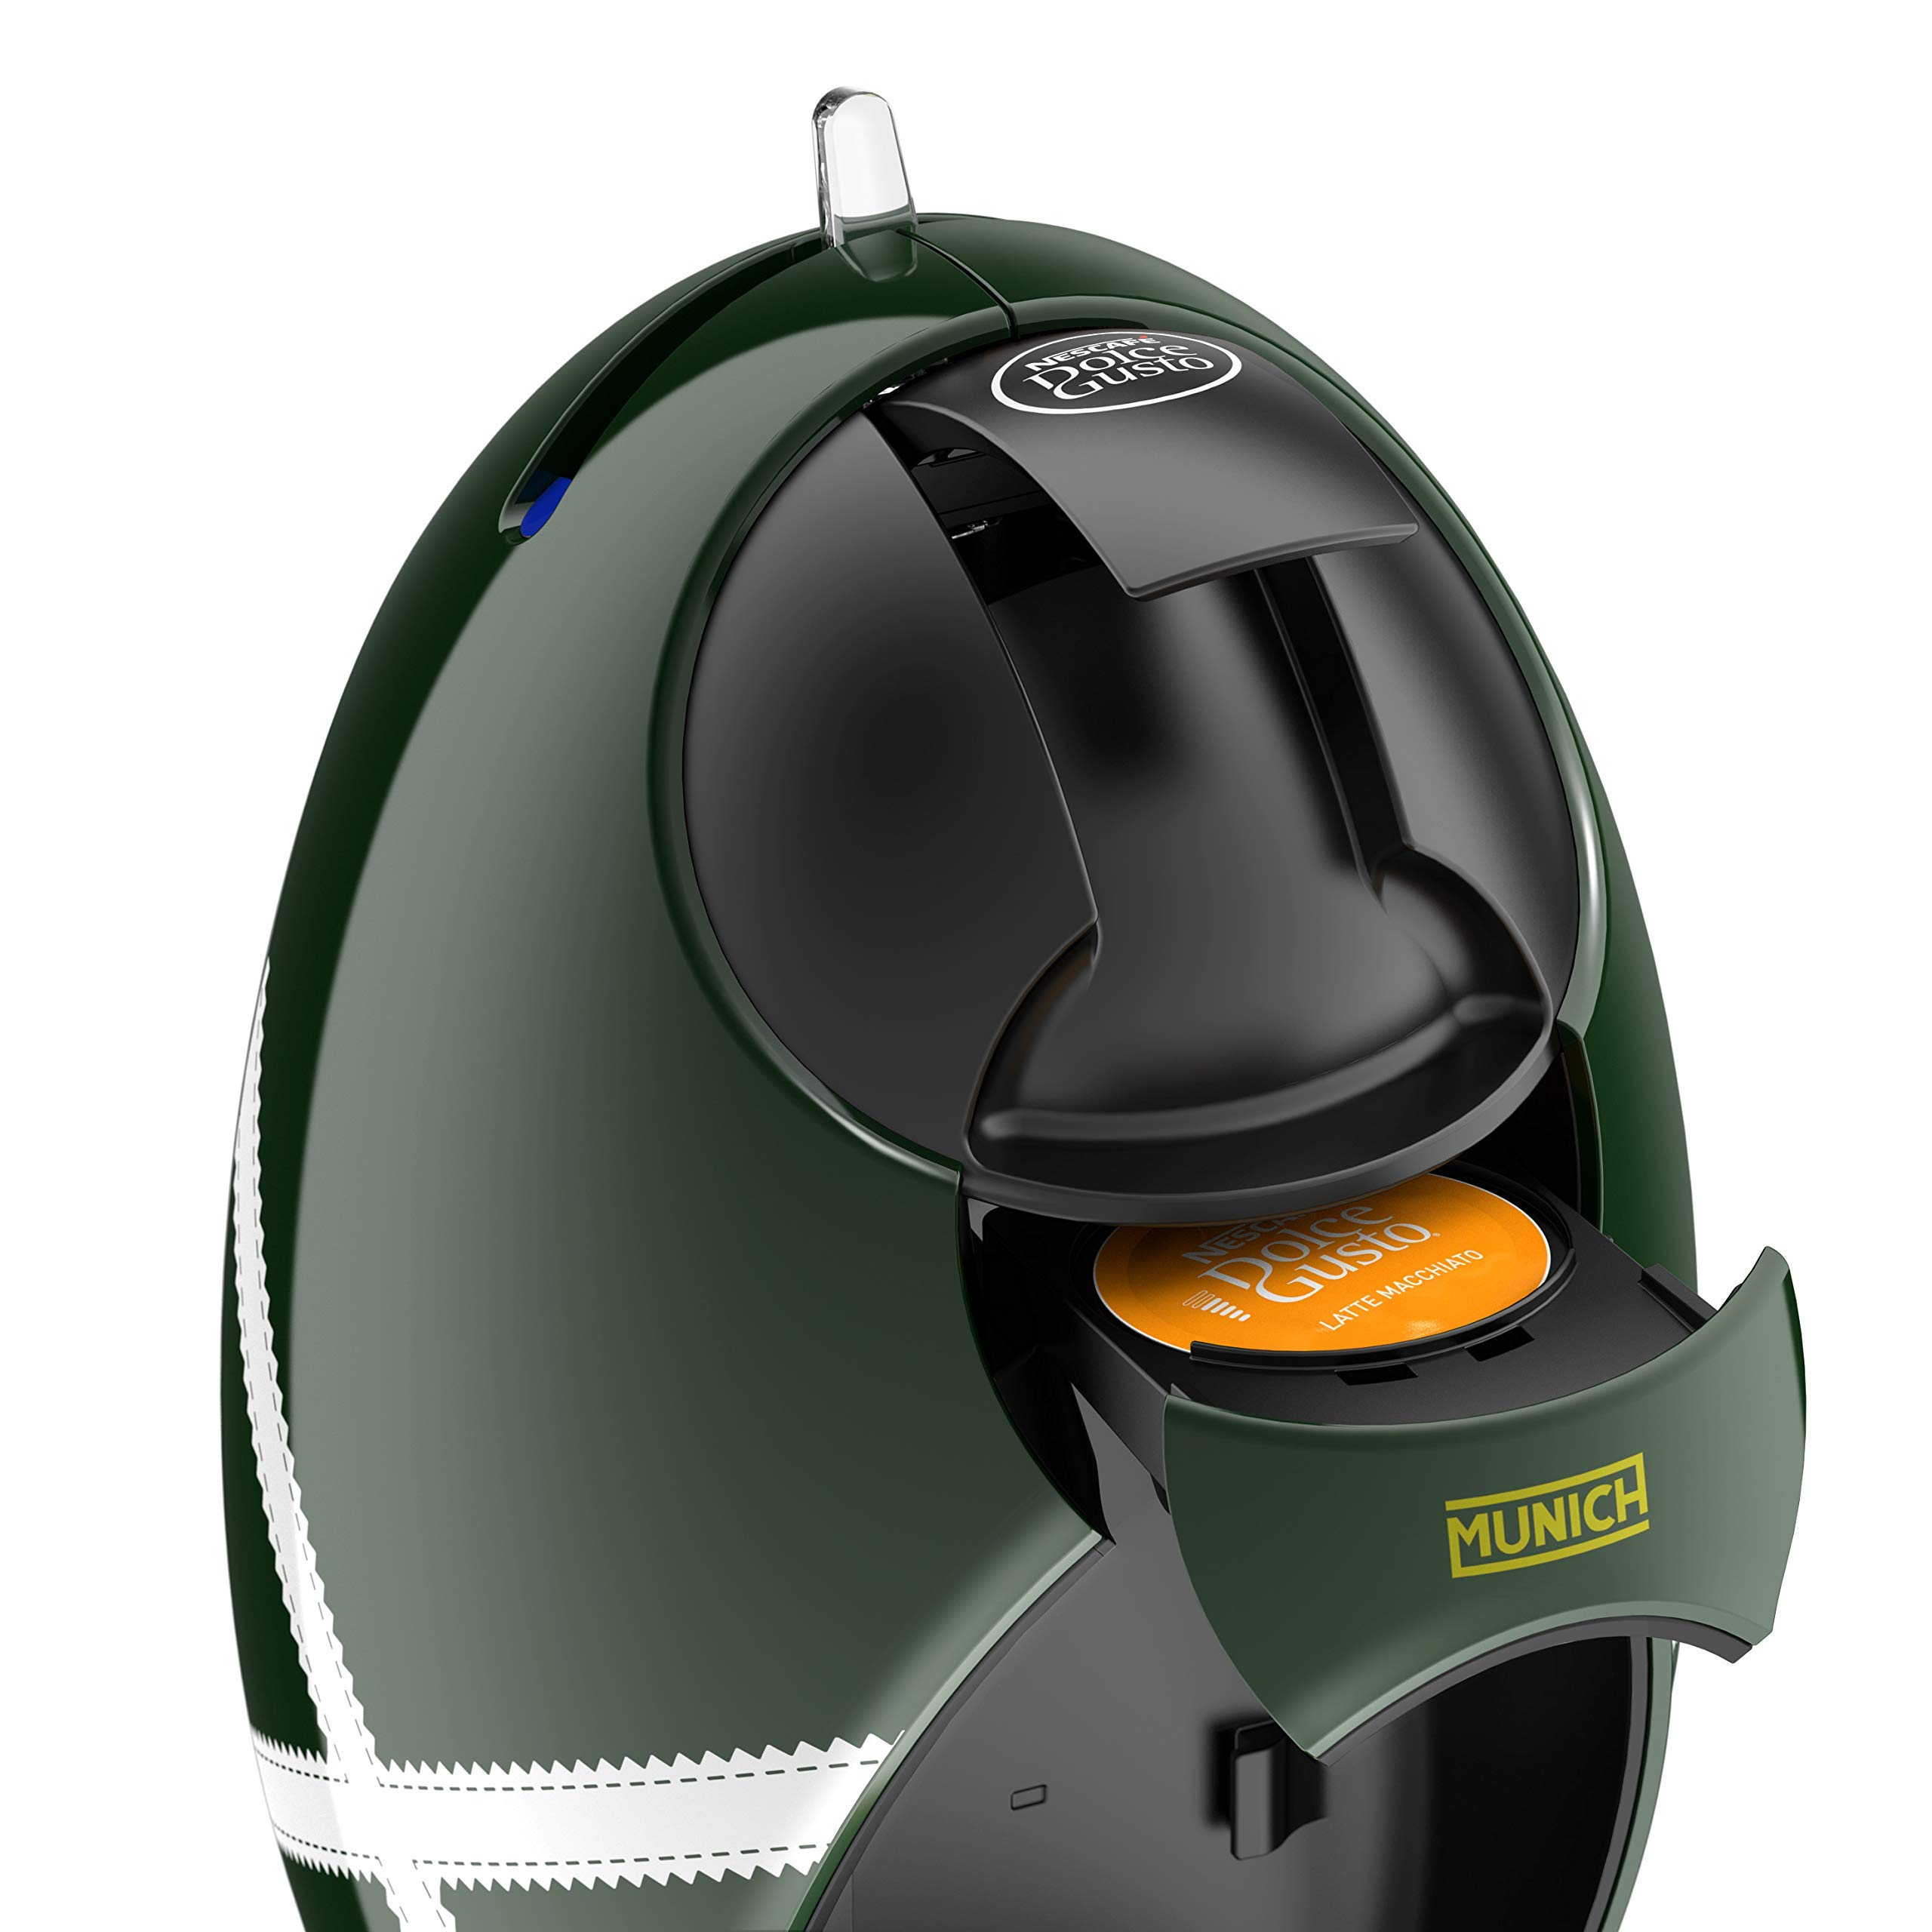 DeLonghi Dolce Gusto Jovia Munich EDG250.GRX - Cafetera de cápsulas, 0.8 L, verde/blanco: Amazon.es: Hogar